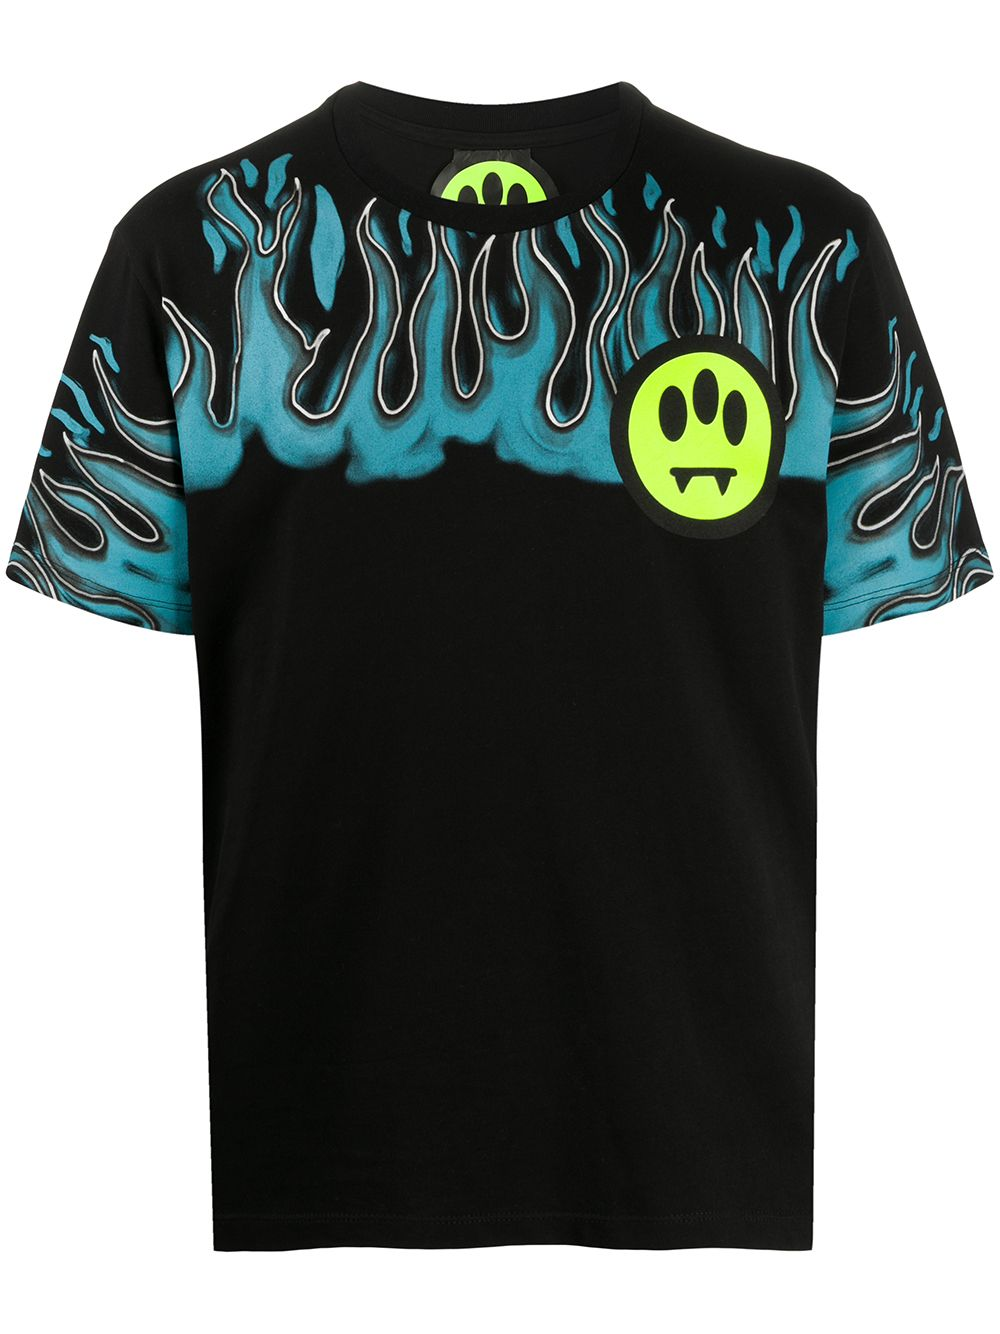 T-SHIRT NERA BARROW | T-shirt | 027998110